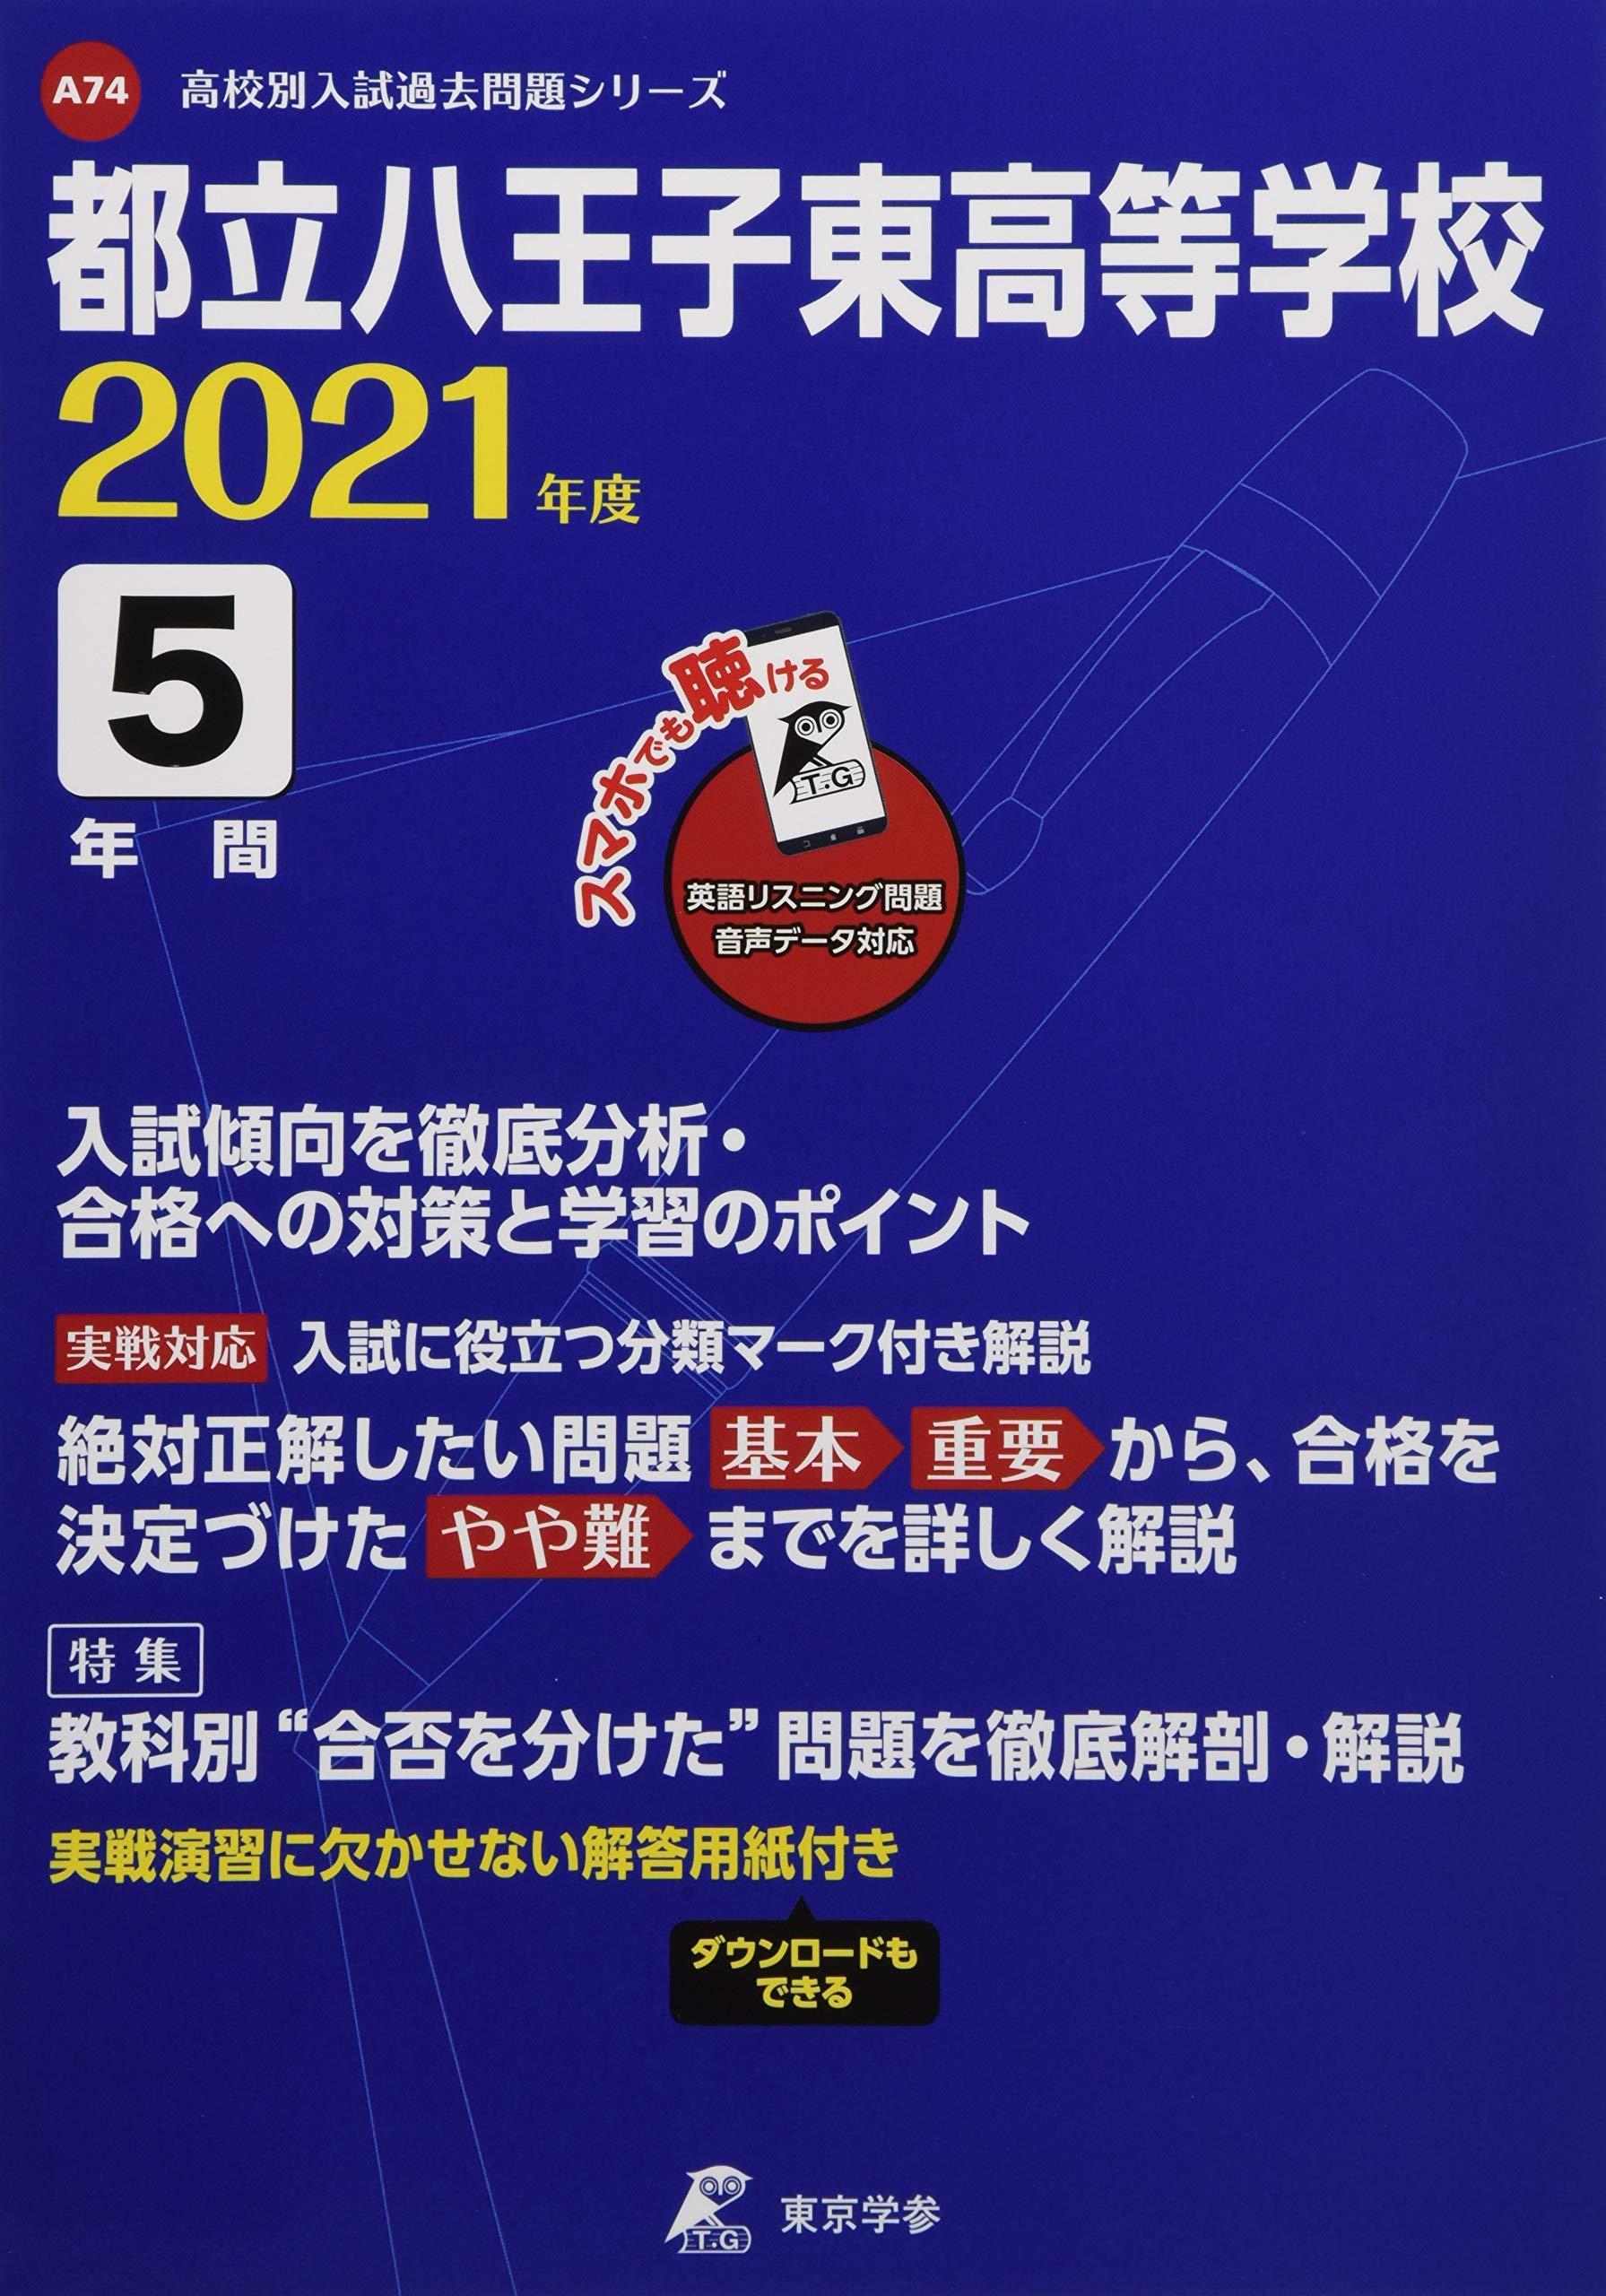 合格 2021 発表 高校 都立